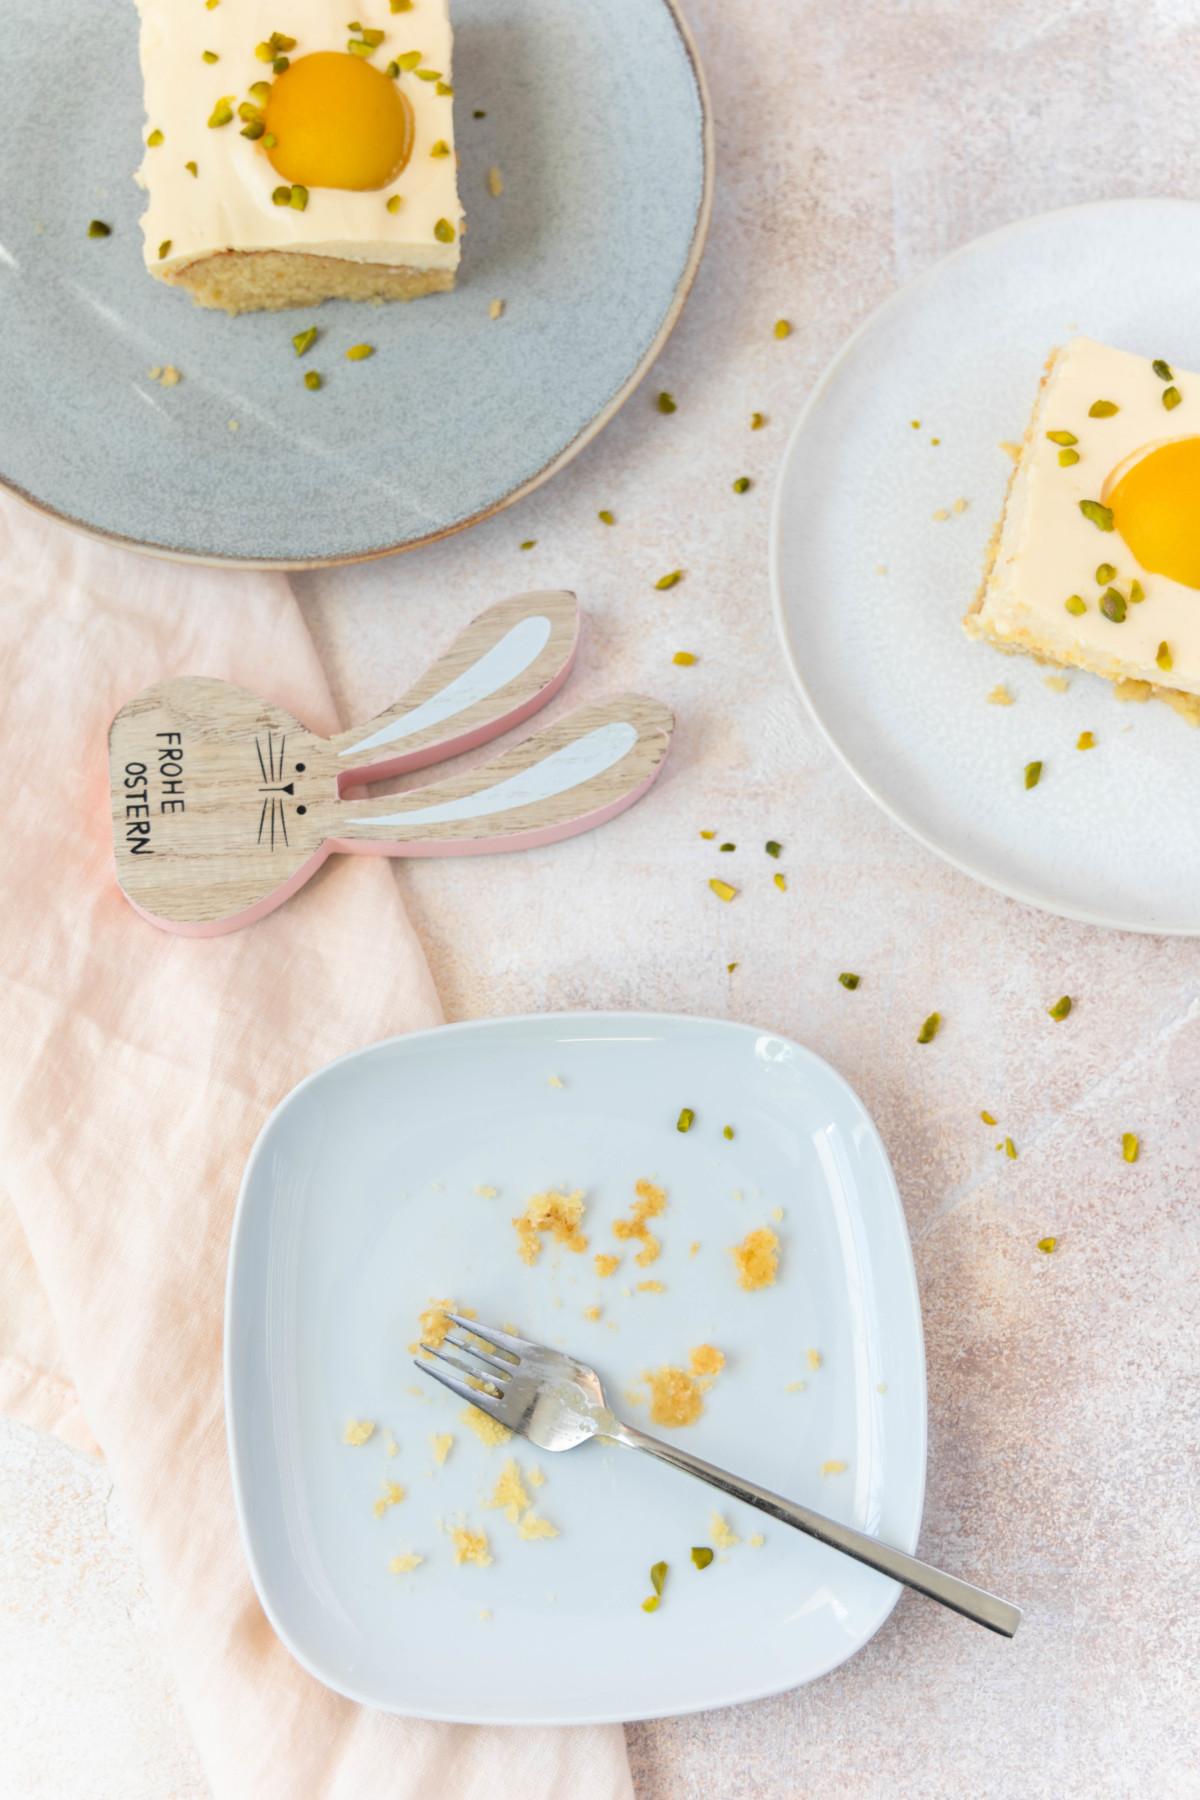 Tipps für Ostern: Spiegeleikuchen / german fried egg cake by https://babyrockmyday.com/spiegeleikuchen/